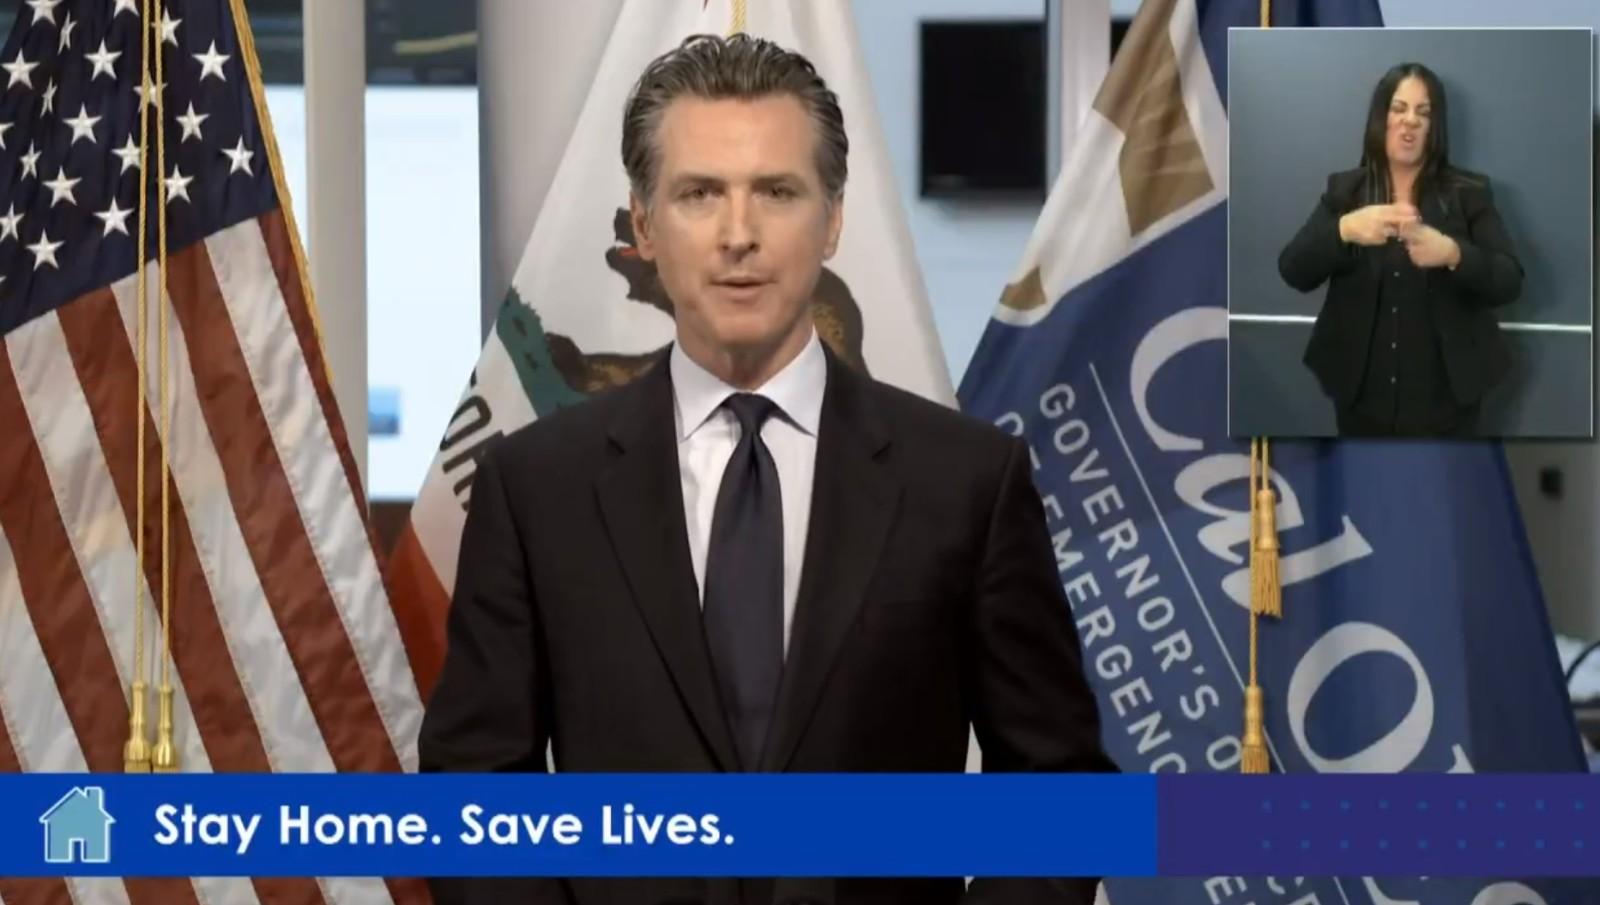 加州征召医护人员 一天内2.5万人报名